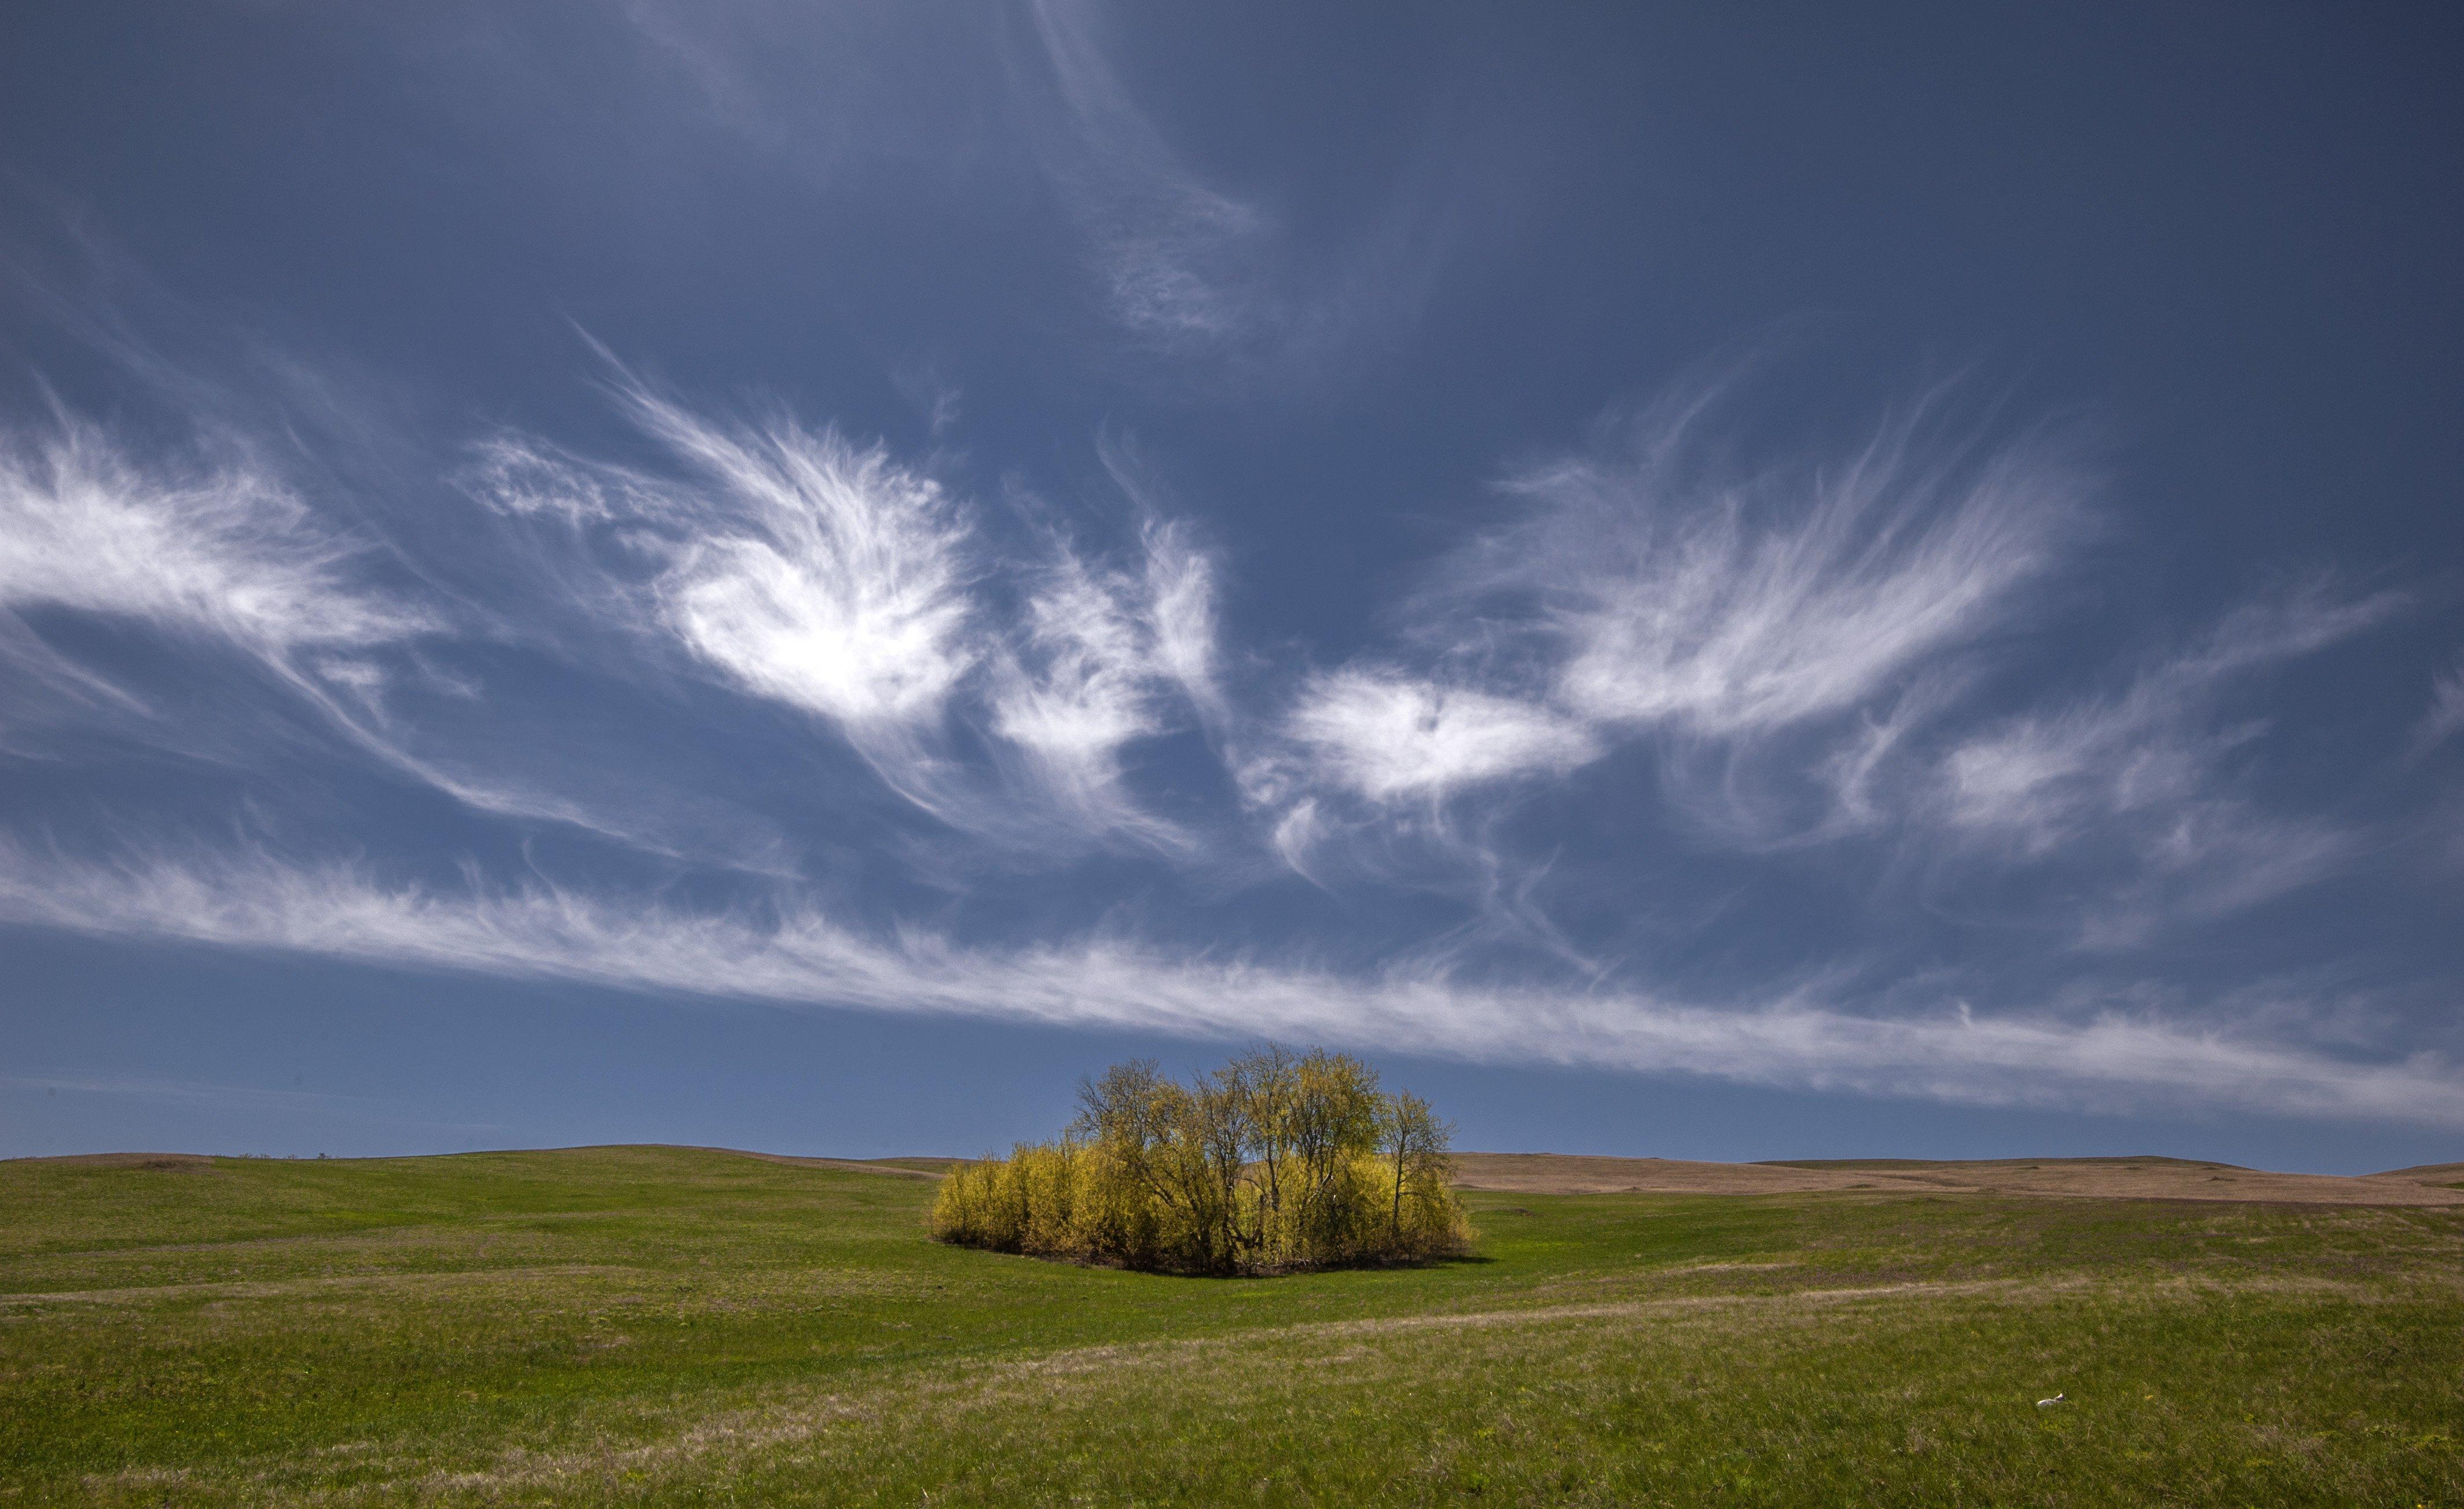 ветер, май, облака, небо, поле, трава, оренбуржье, Логачёв Илья